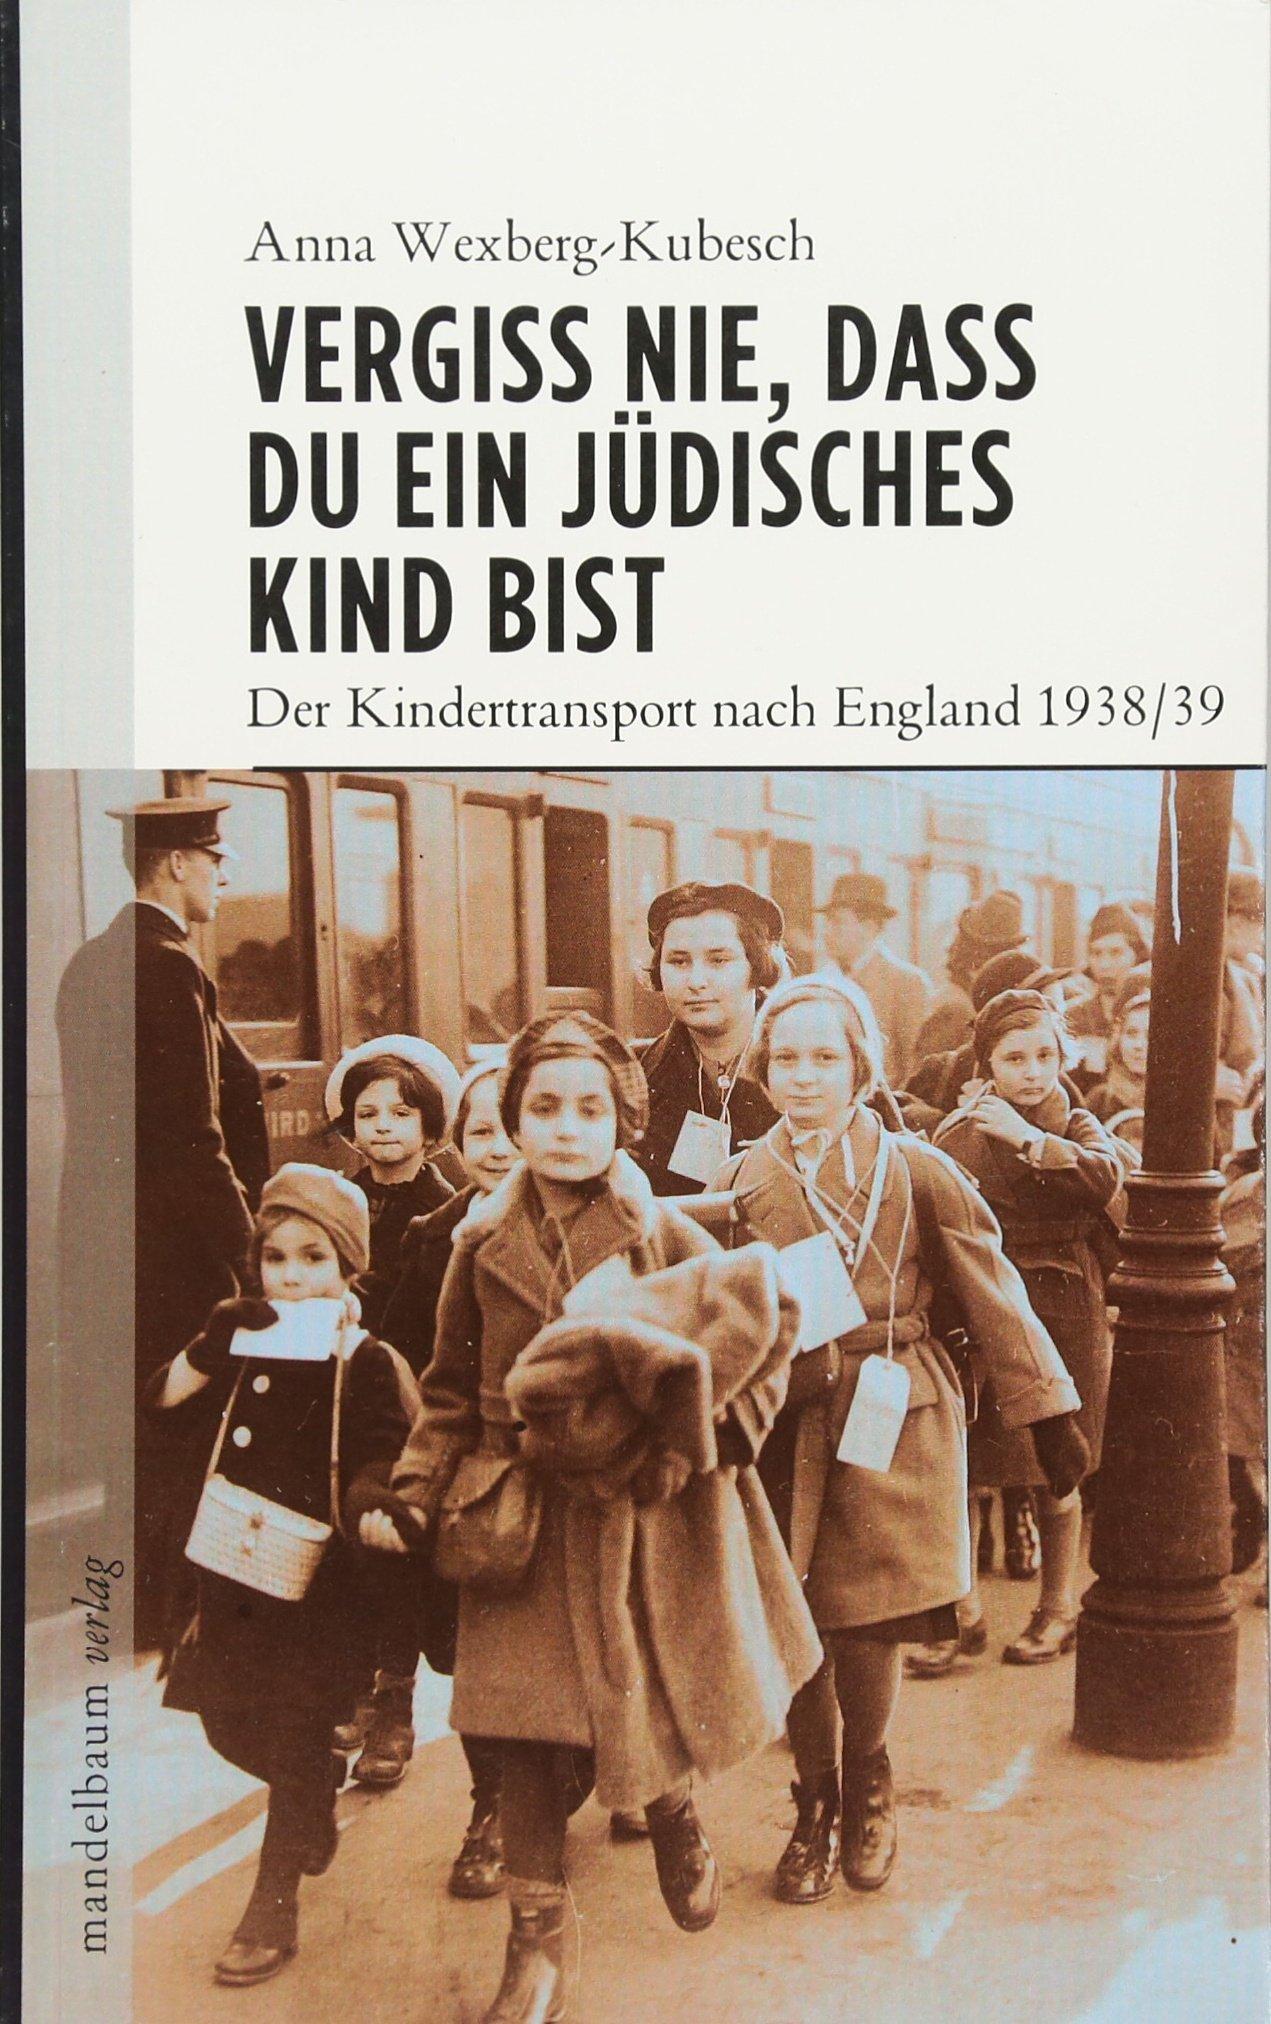 Vergiss nie, dass Du ein jüdisches Kind bist: Der Kindertransport nach England 1938/39